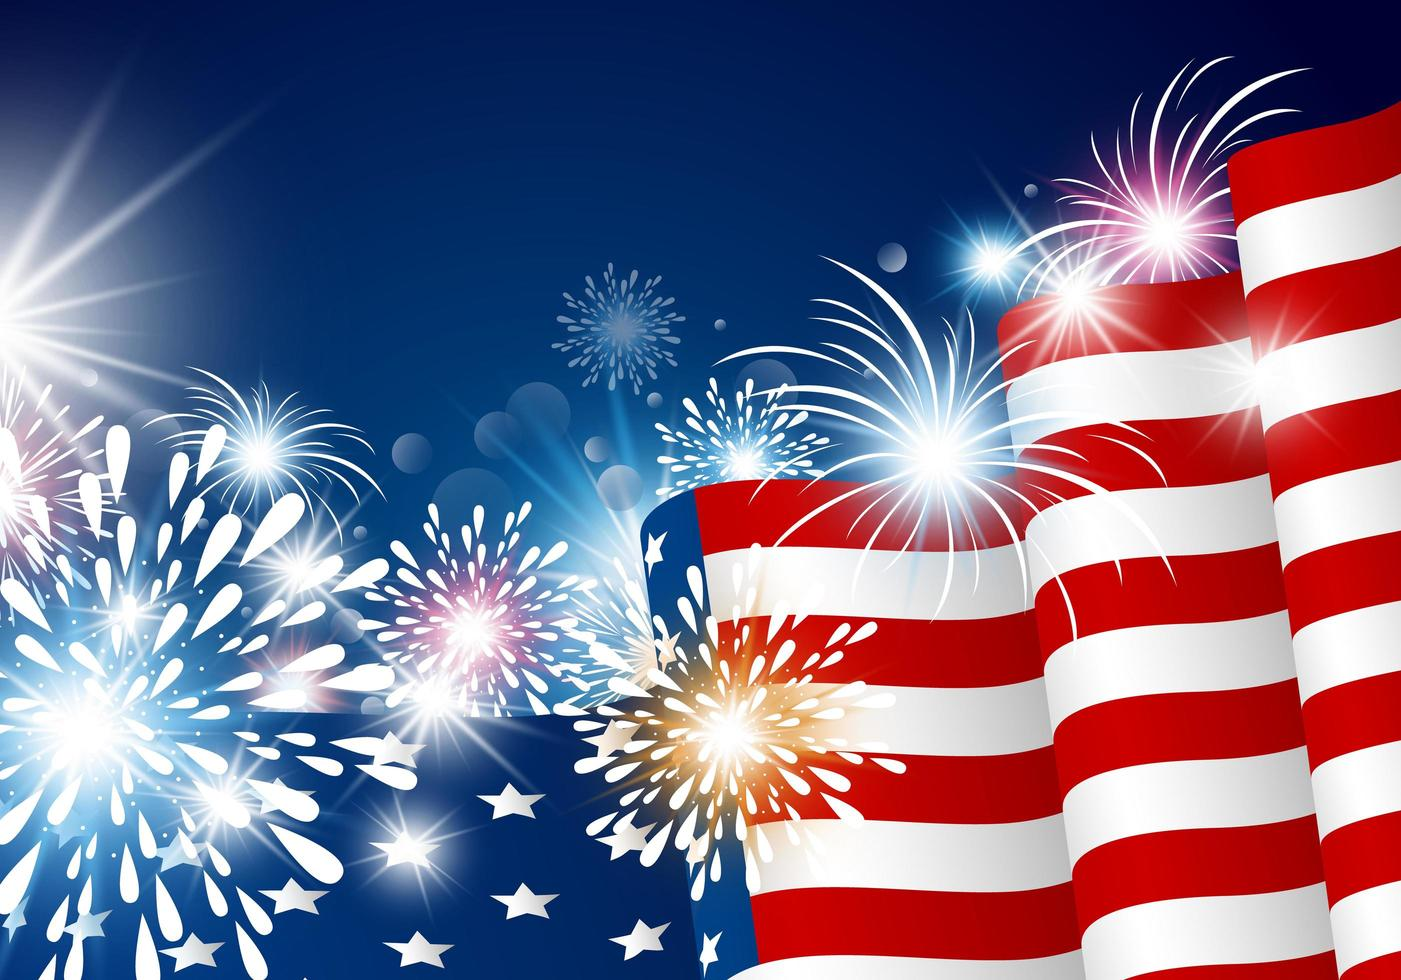 diseño brillante con bandera estadounidense y fuegos artificiales vector